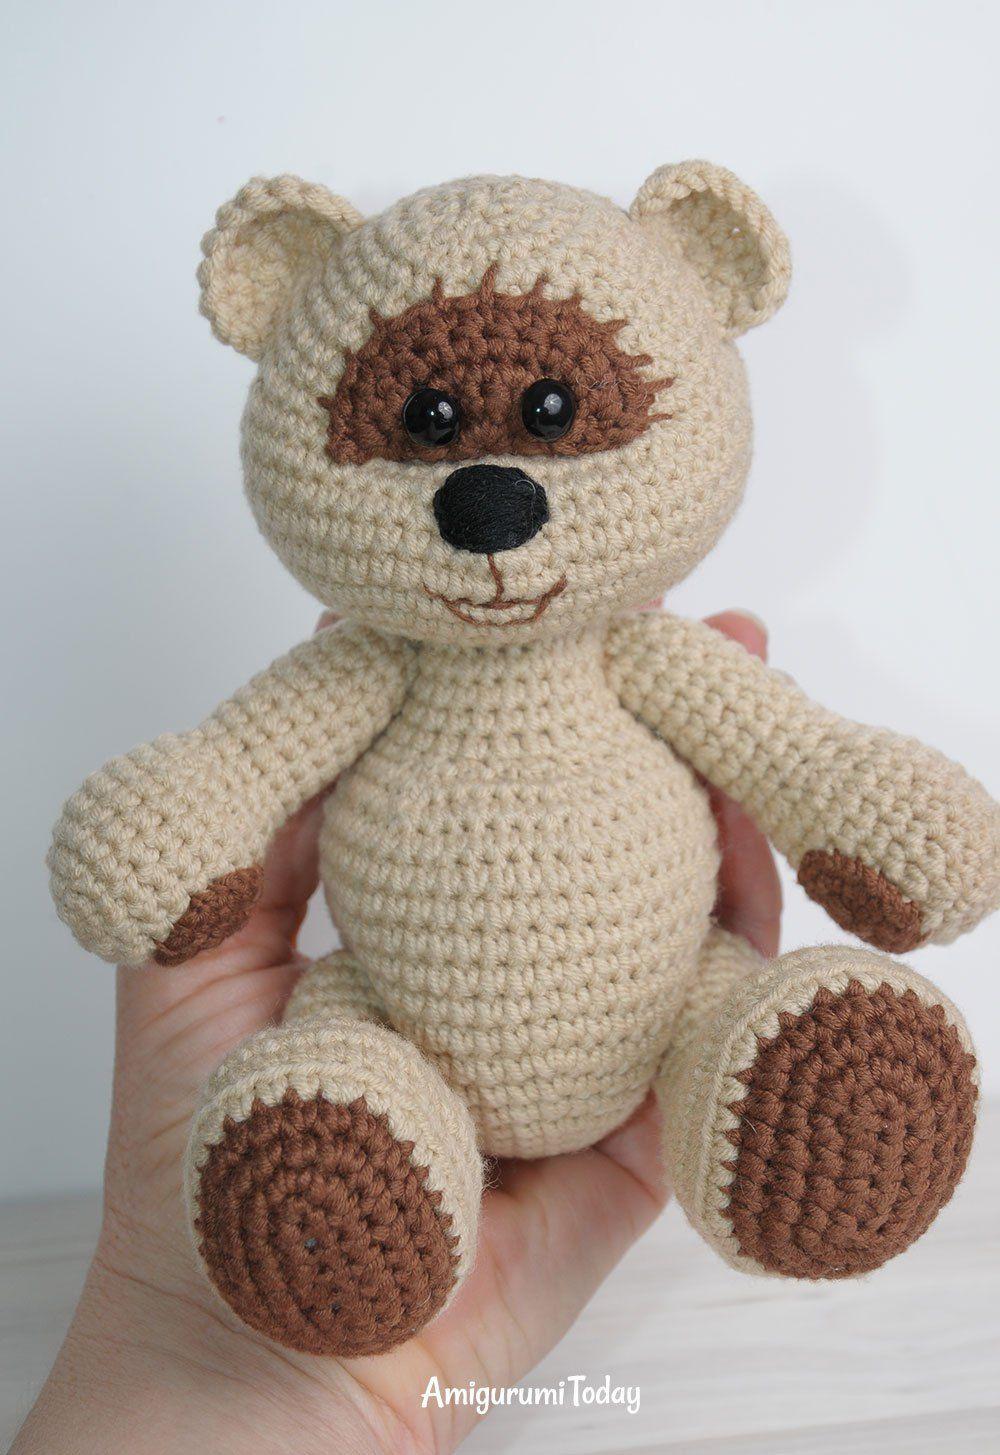 Honey teddy bear boy free crochet pattern crochet fun honey teddy bear boy free crochet pattern bankloansurffo Choice Image